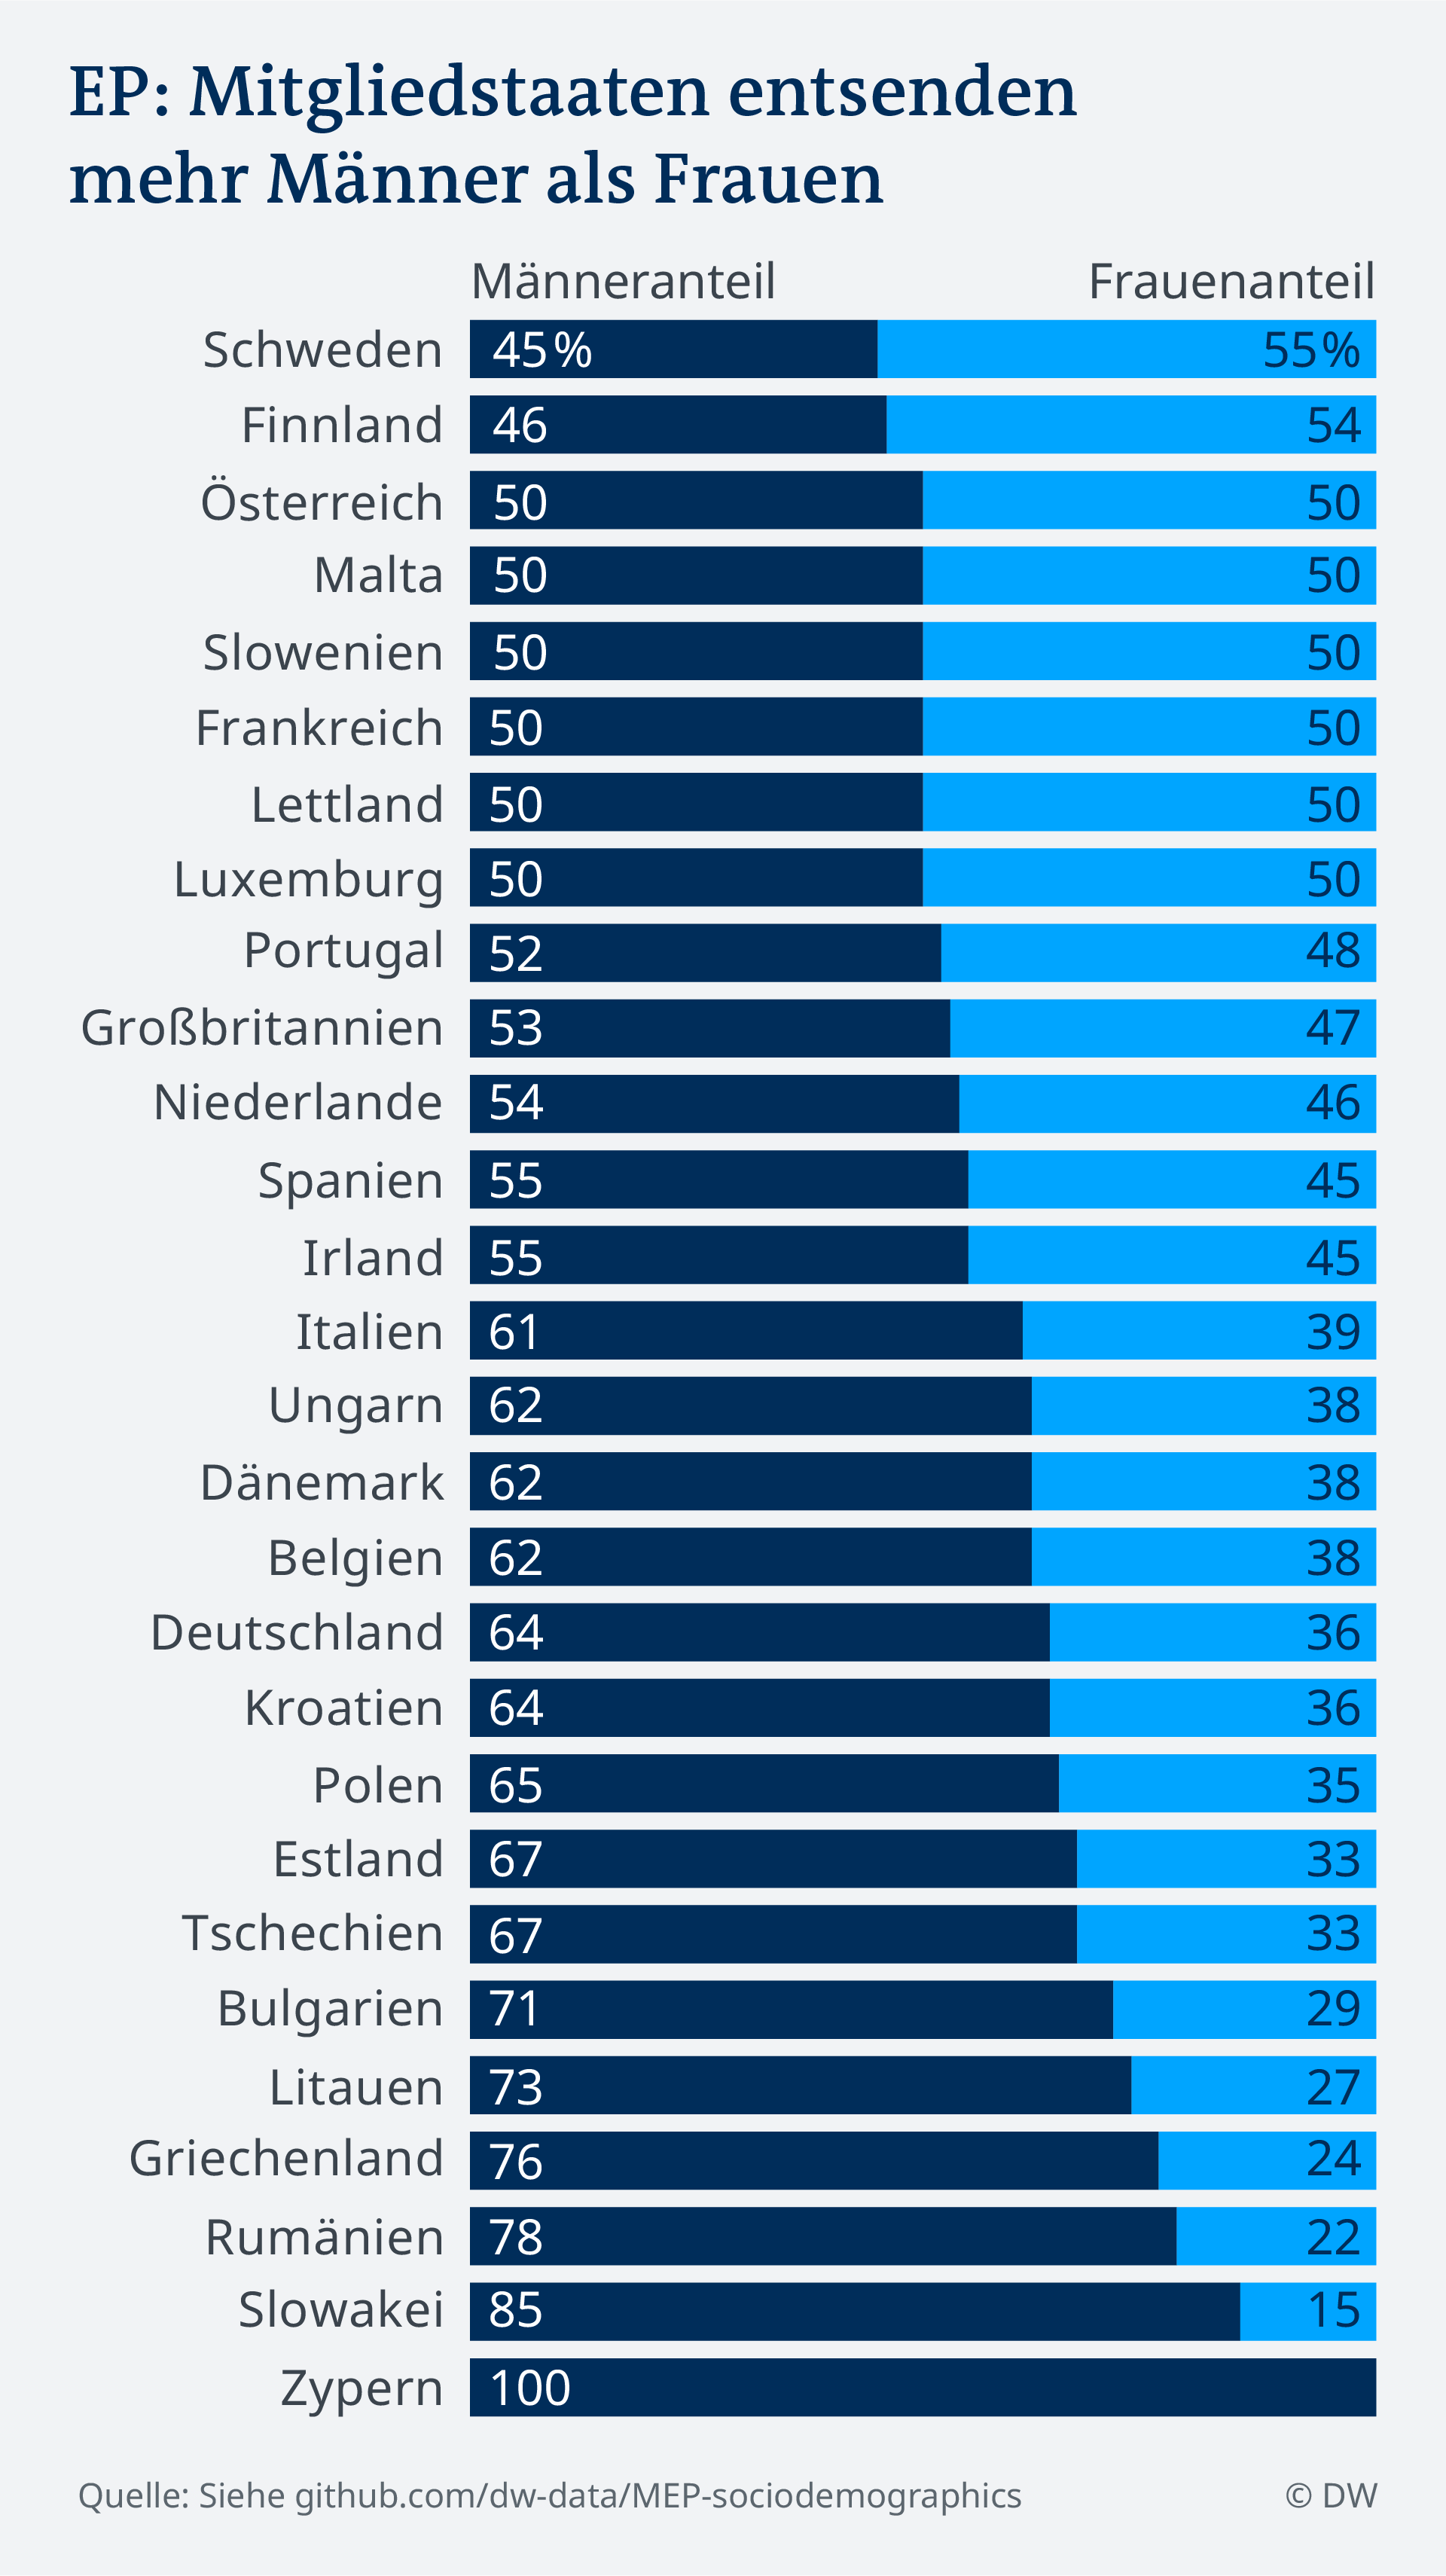 Raportul dintre bărbaţi (coloana din stânga) şi femei (coloana din dreapta) în PE în funcţie de ţări